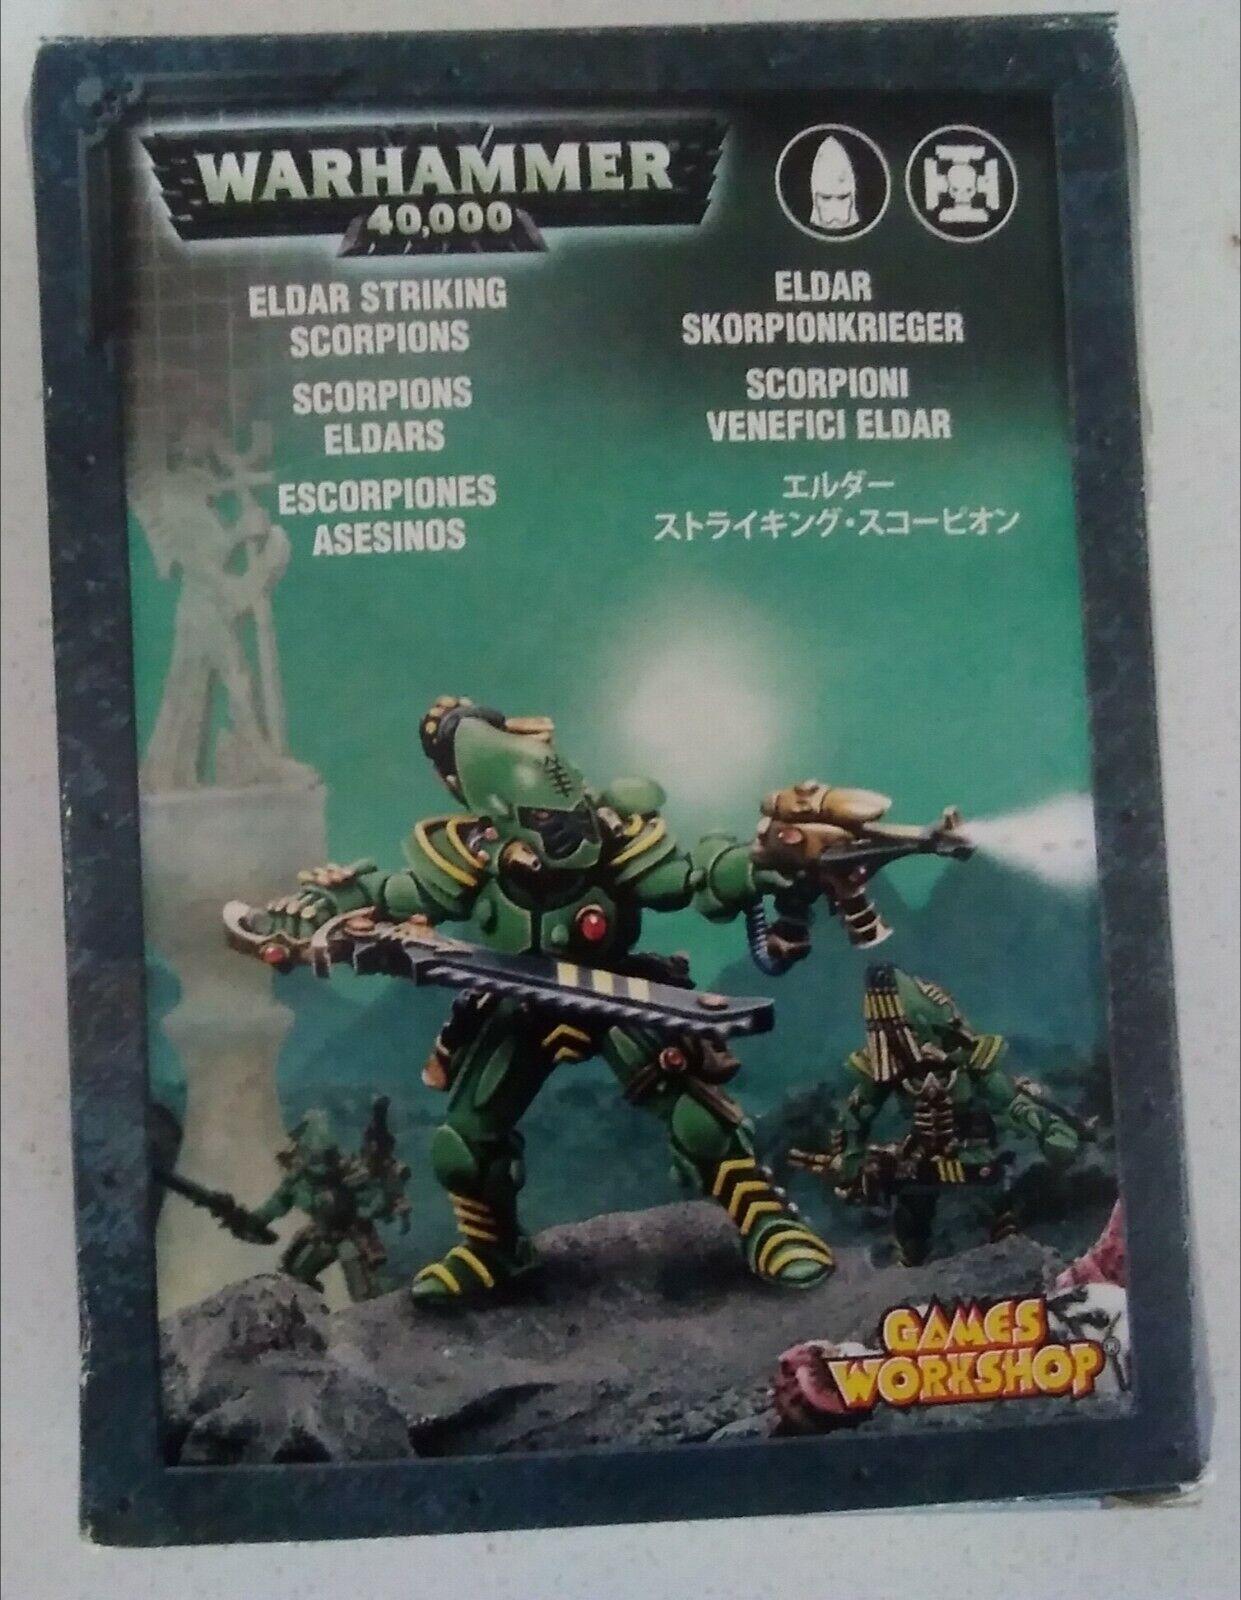 6 x Warhammer 40K Eldar Striking Scrorpions OOP Metal 2000s